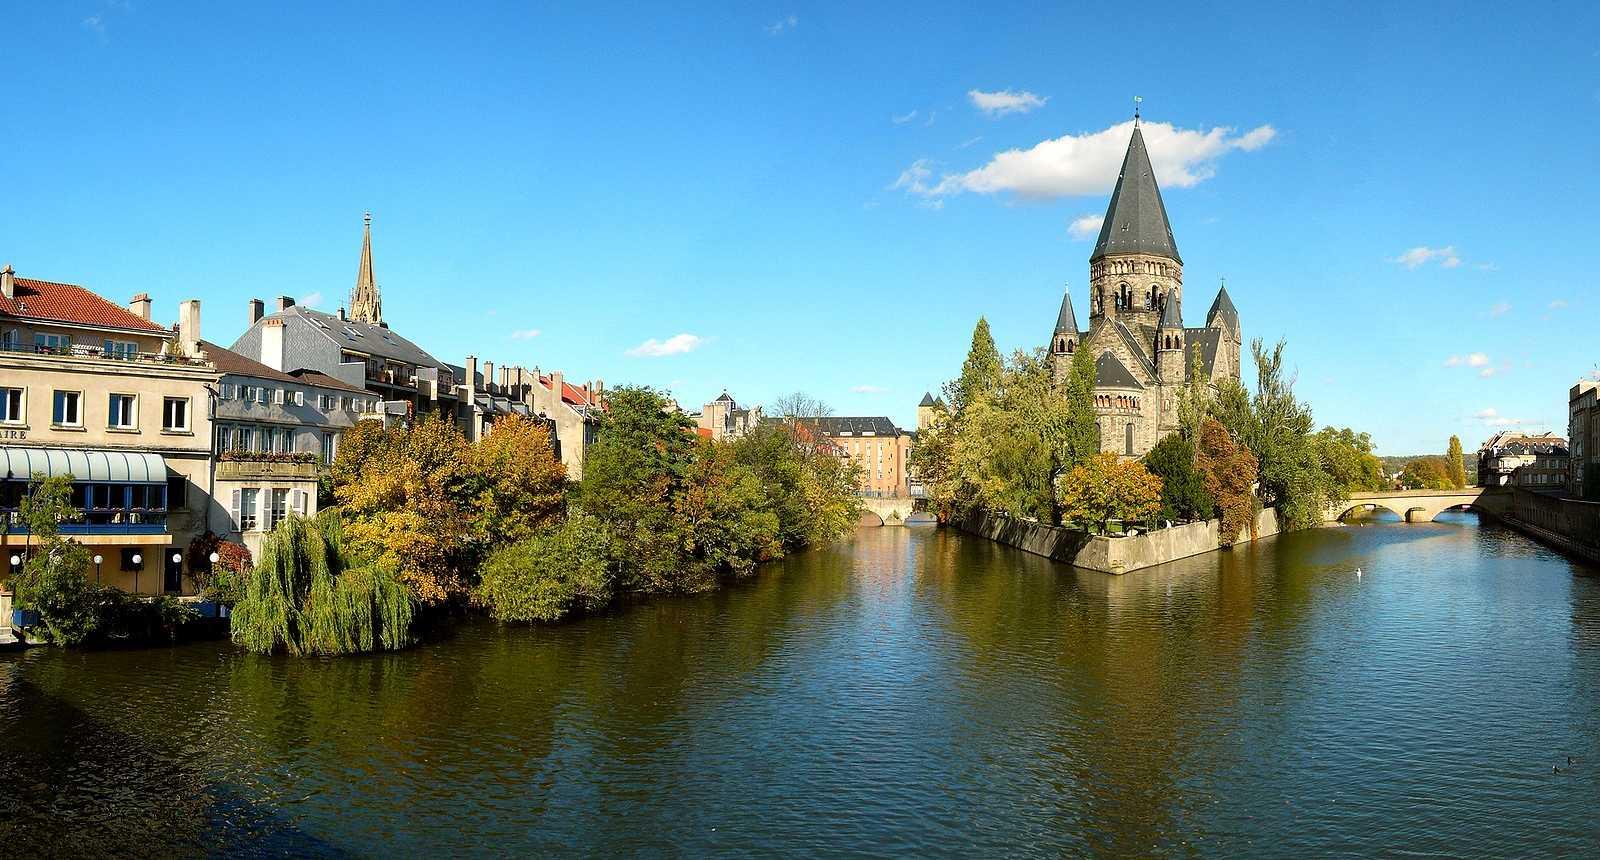 L'Île du Petit-Saulcy et le Temple-Neuf à Metz